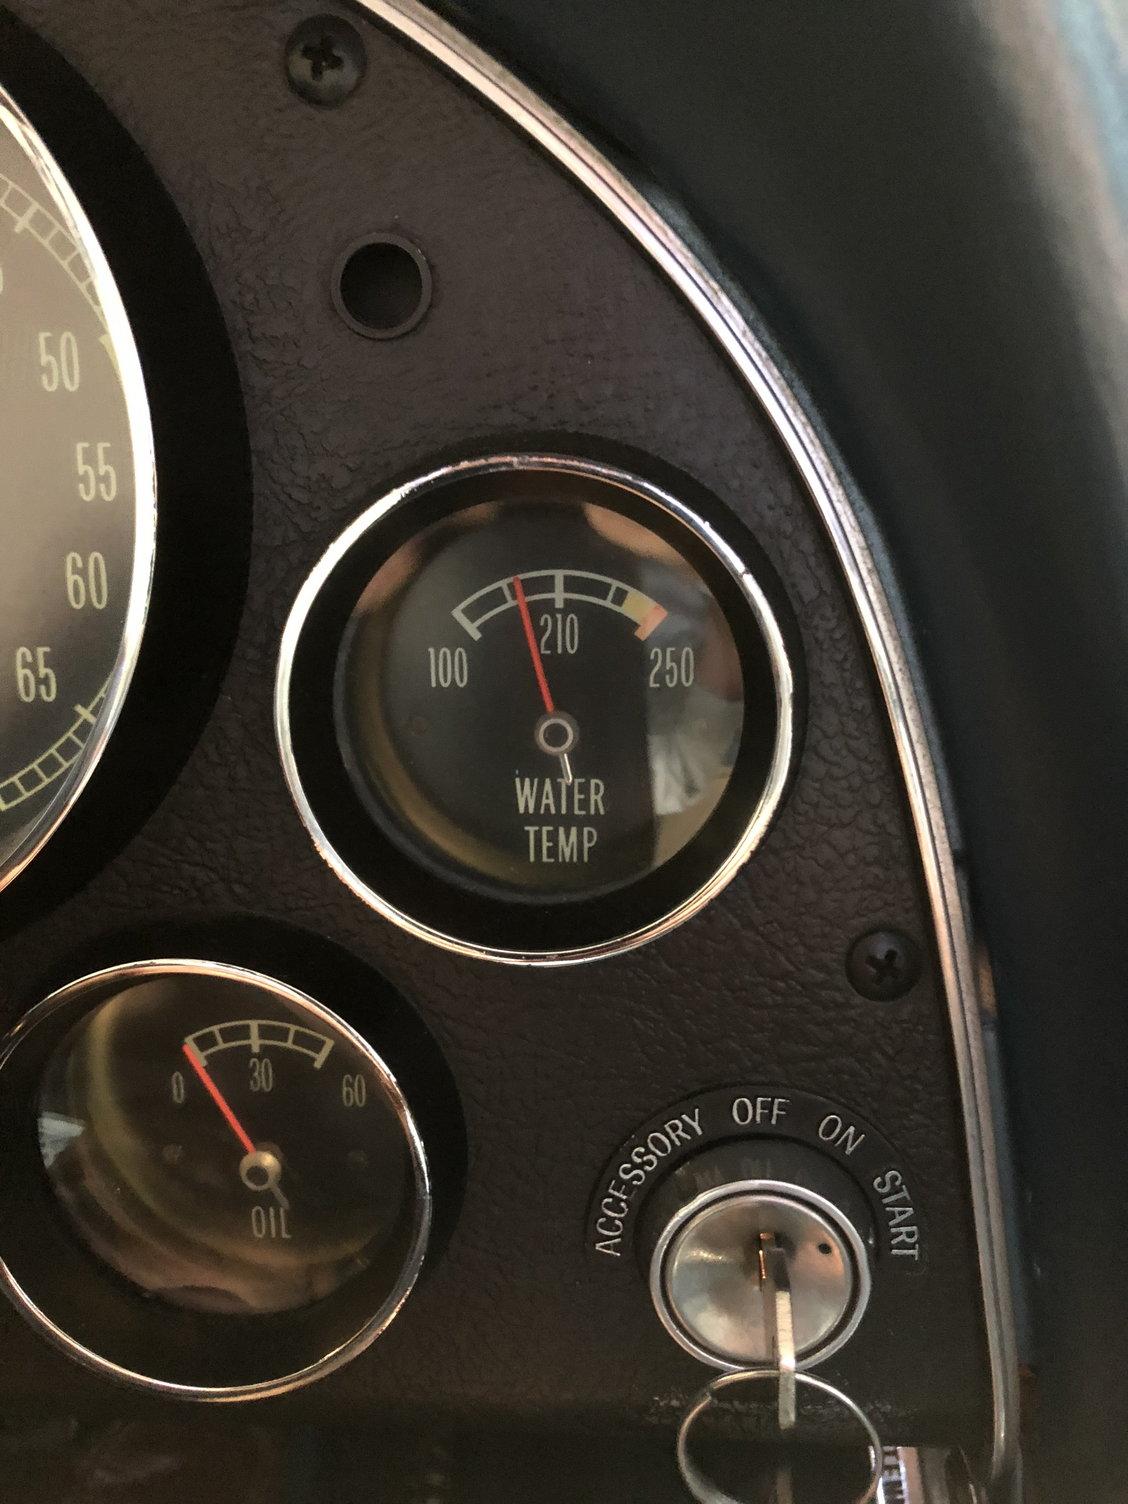 C2 Got my temp gauge reading more accurate  - CorvetteForum